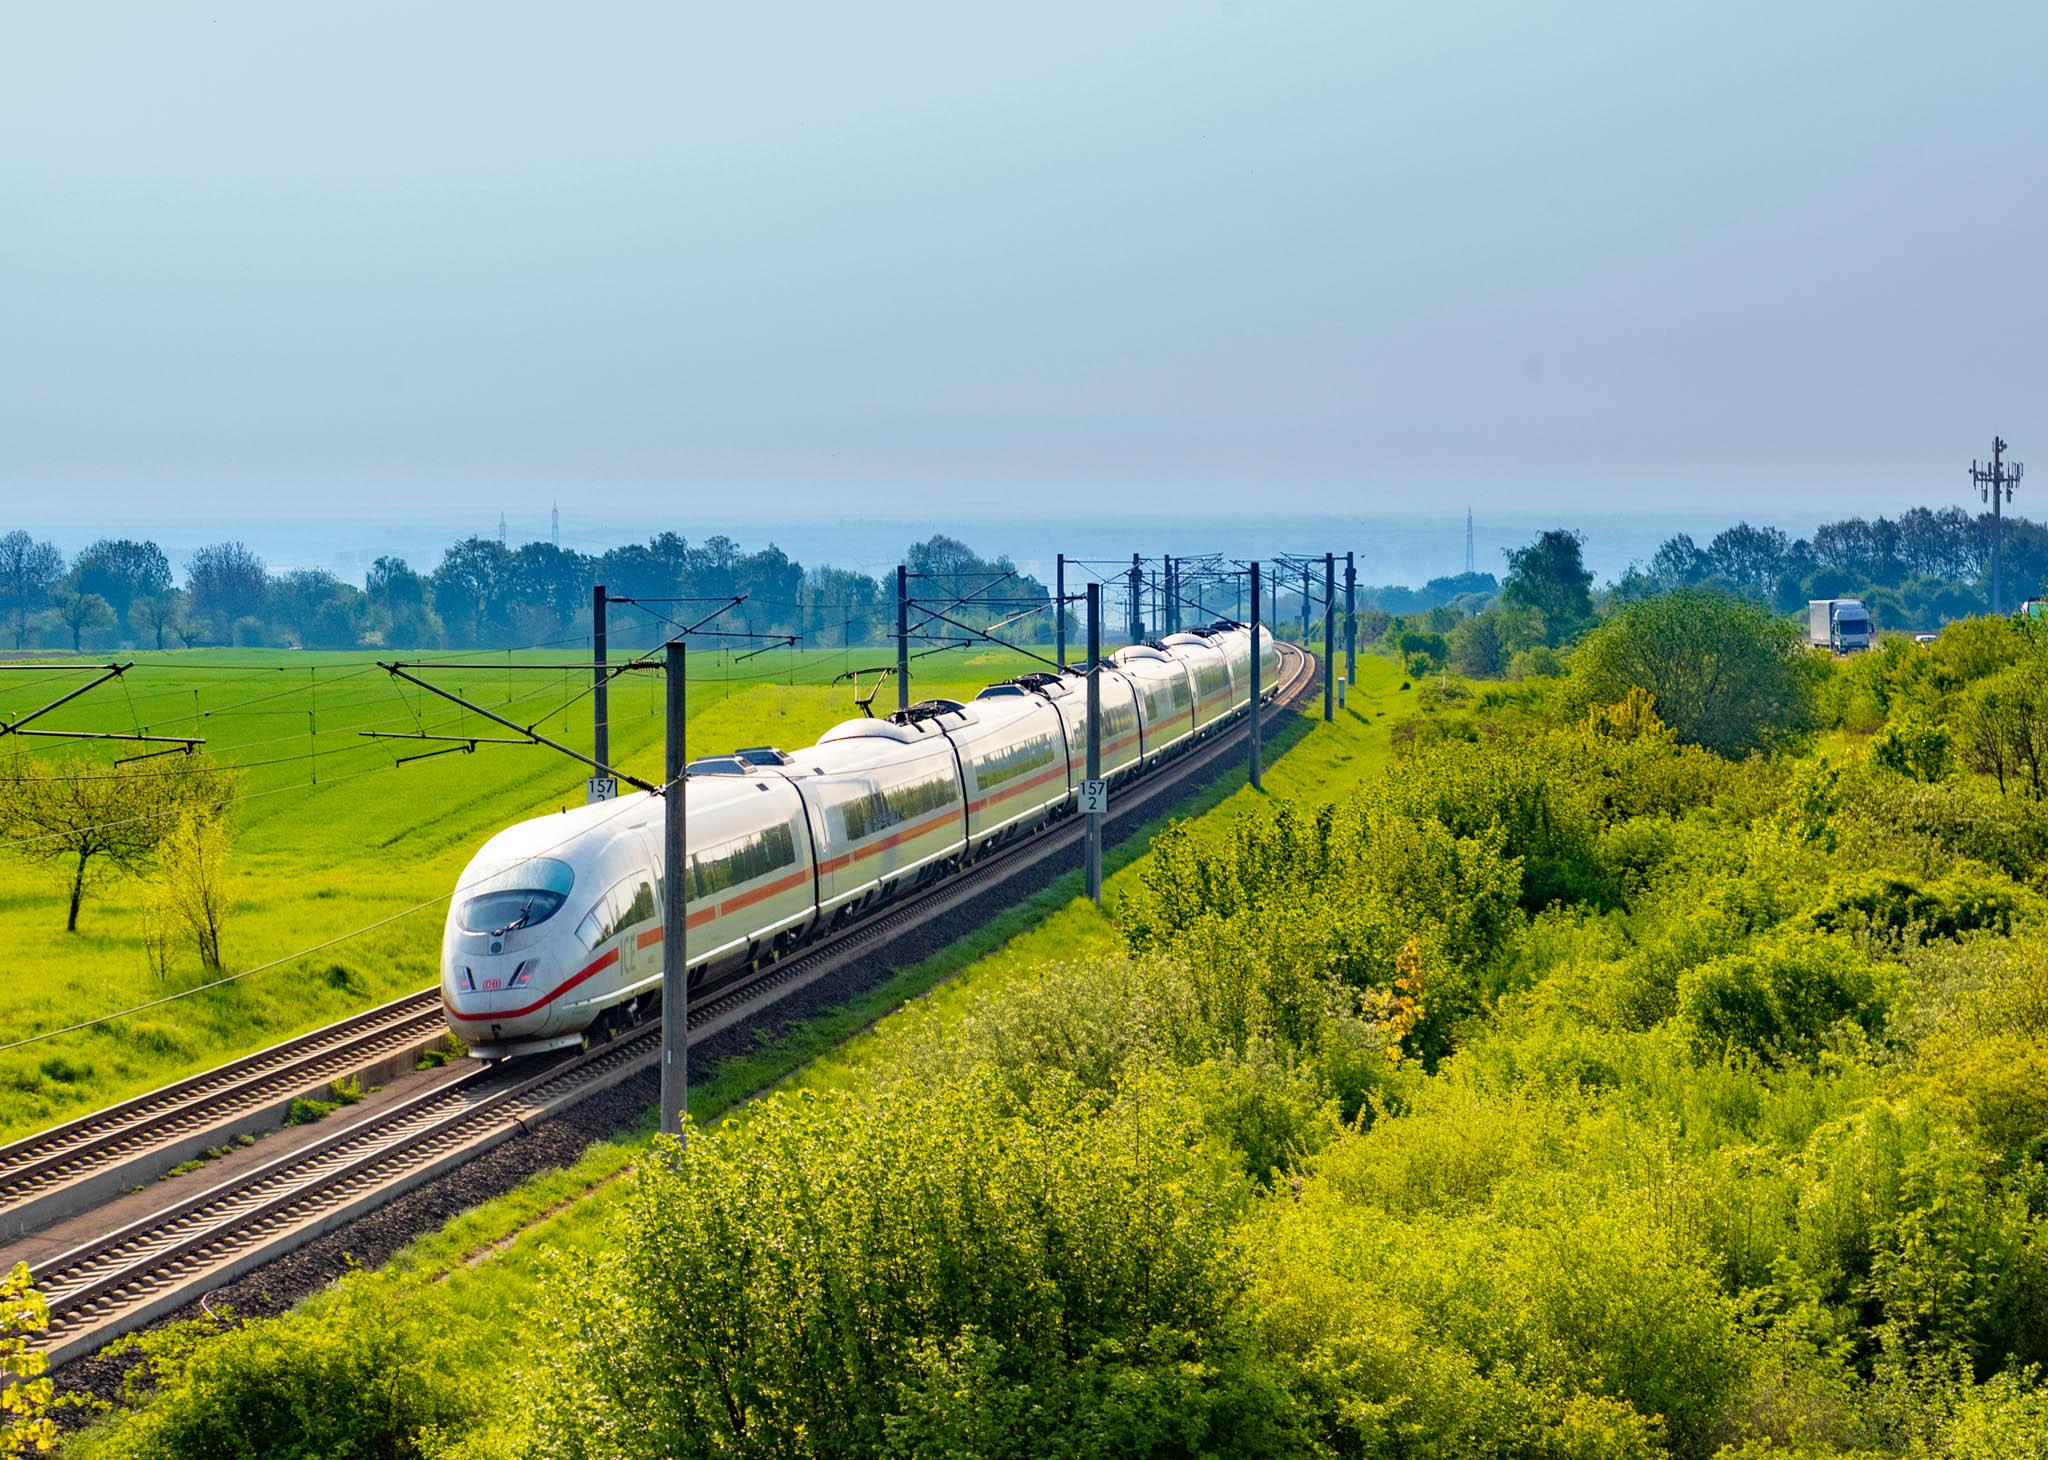 Zatímco vČesku není ani kilometr vysokorychlostní železniční sítě, vNěmecku bylo odroku 1991 uvedeno doprovozu pět nově vystavěných vysokorychlostních tratí pro rychlosti 250–300 km/h, další se staví nebo plánují.